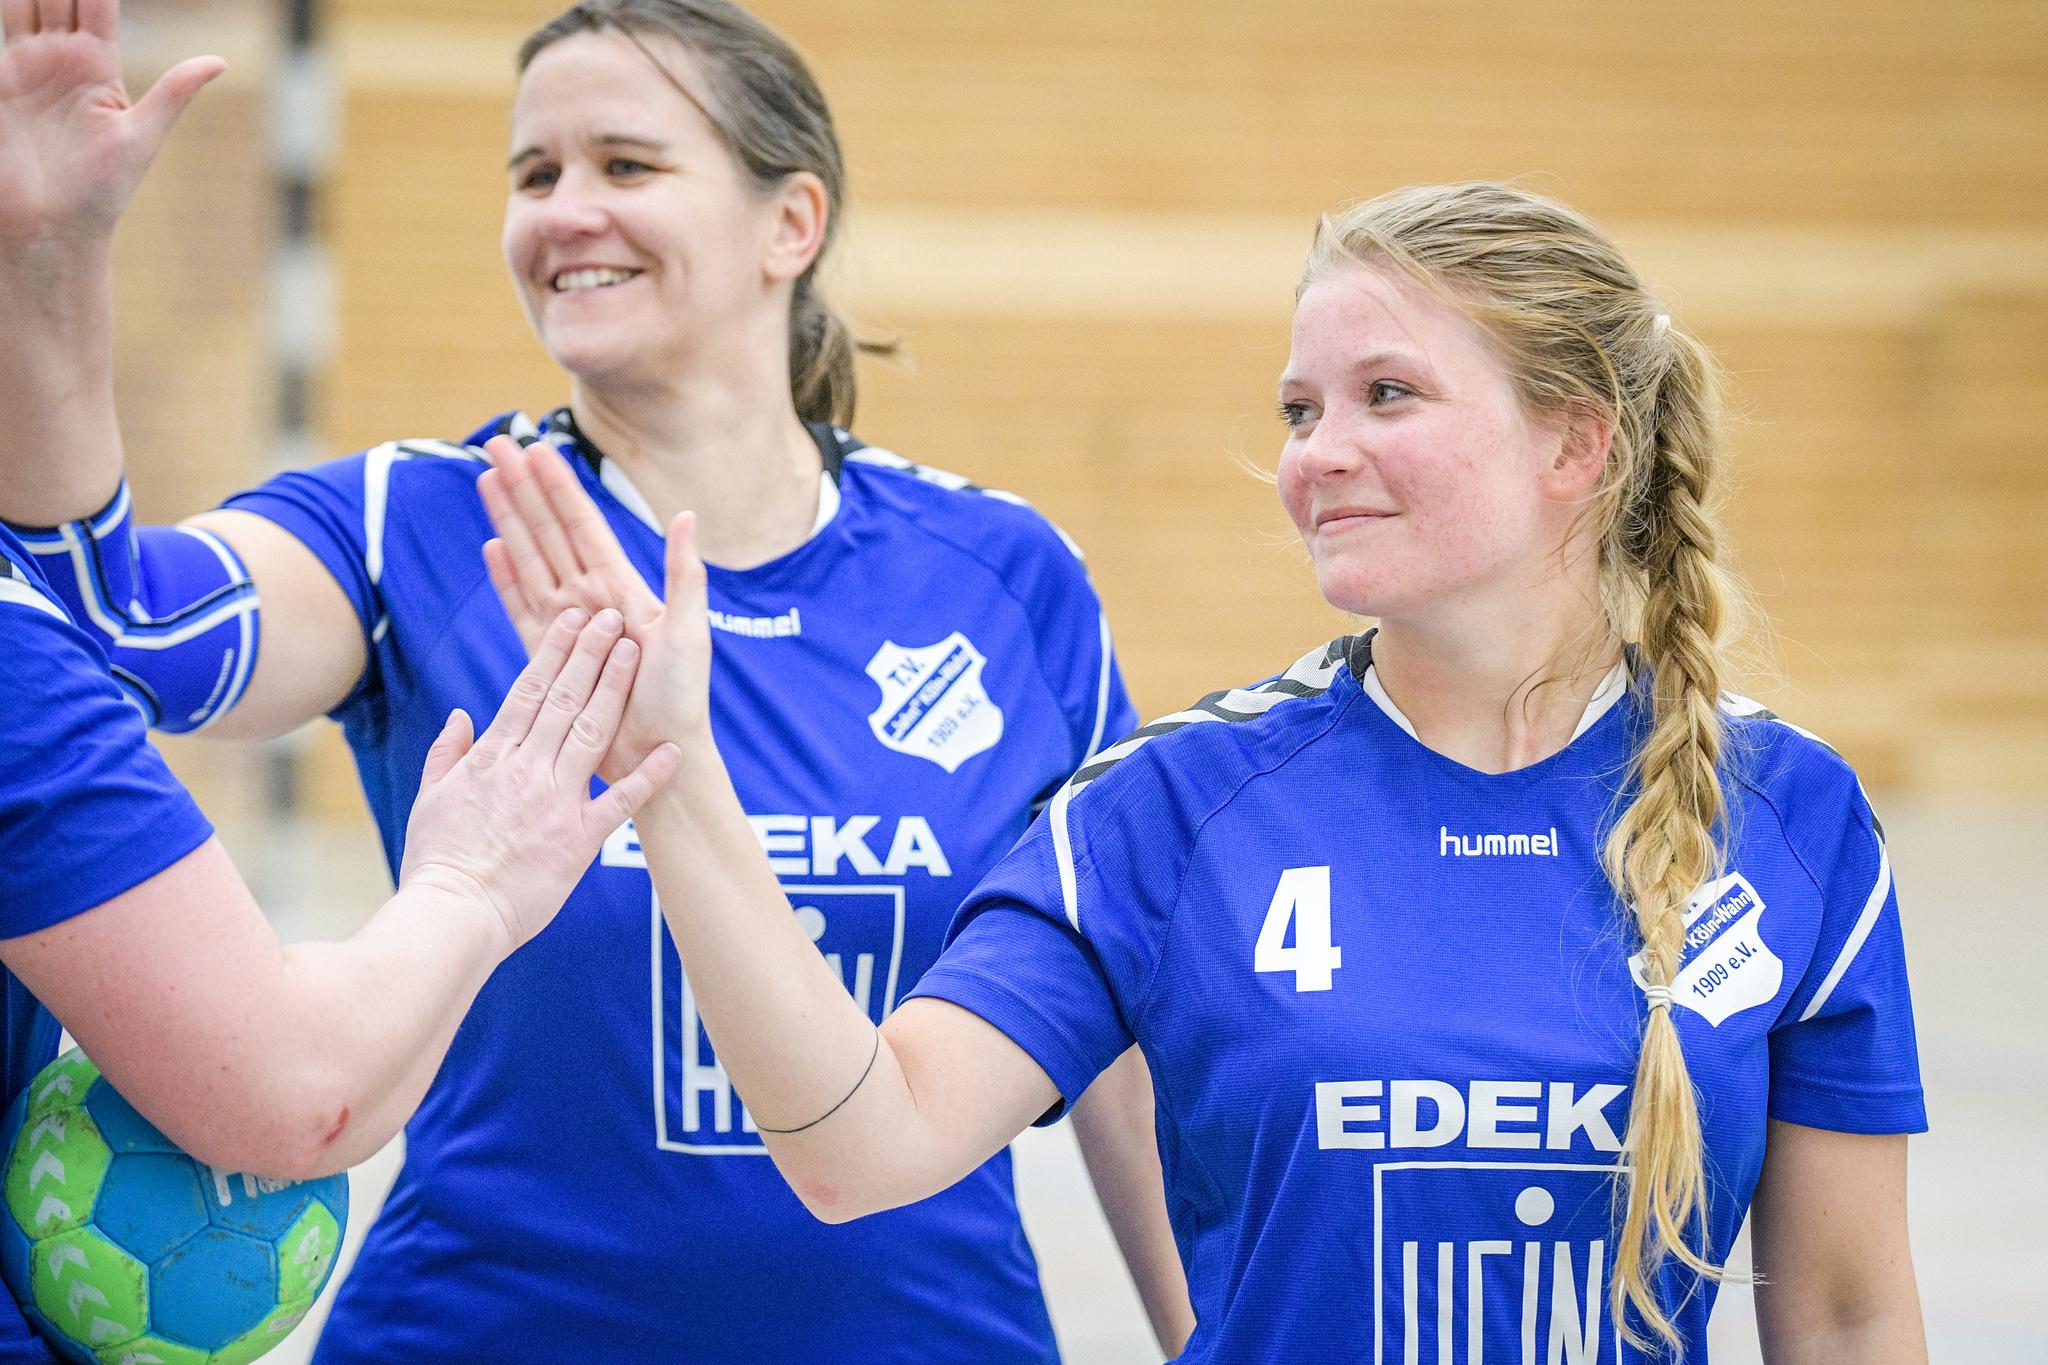 Damen: Heike Hamann übernimmt neuen Posten der Damenwartin